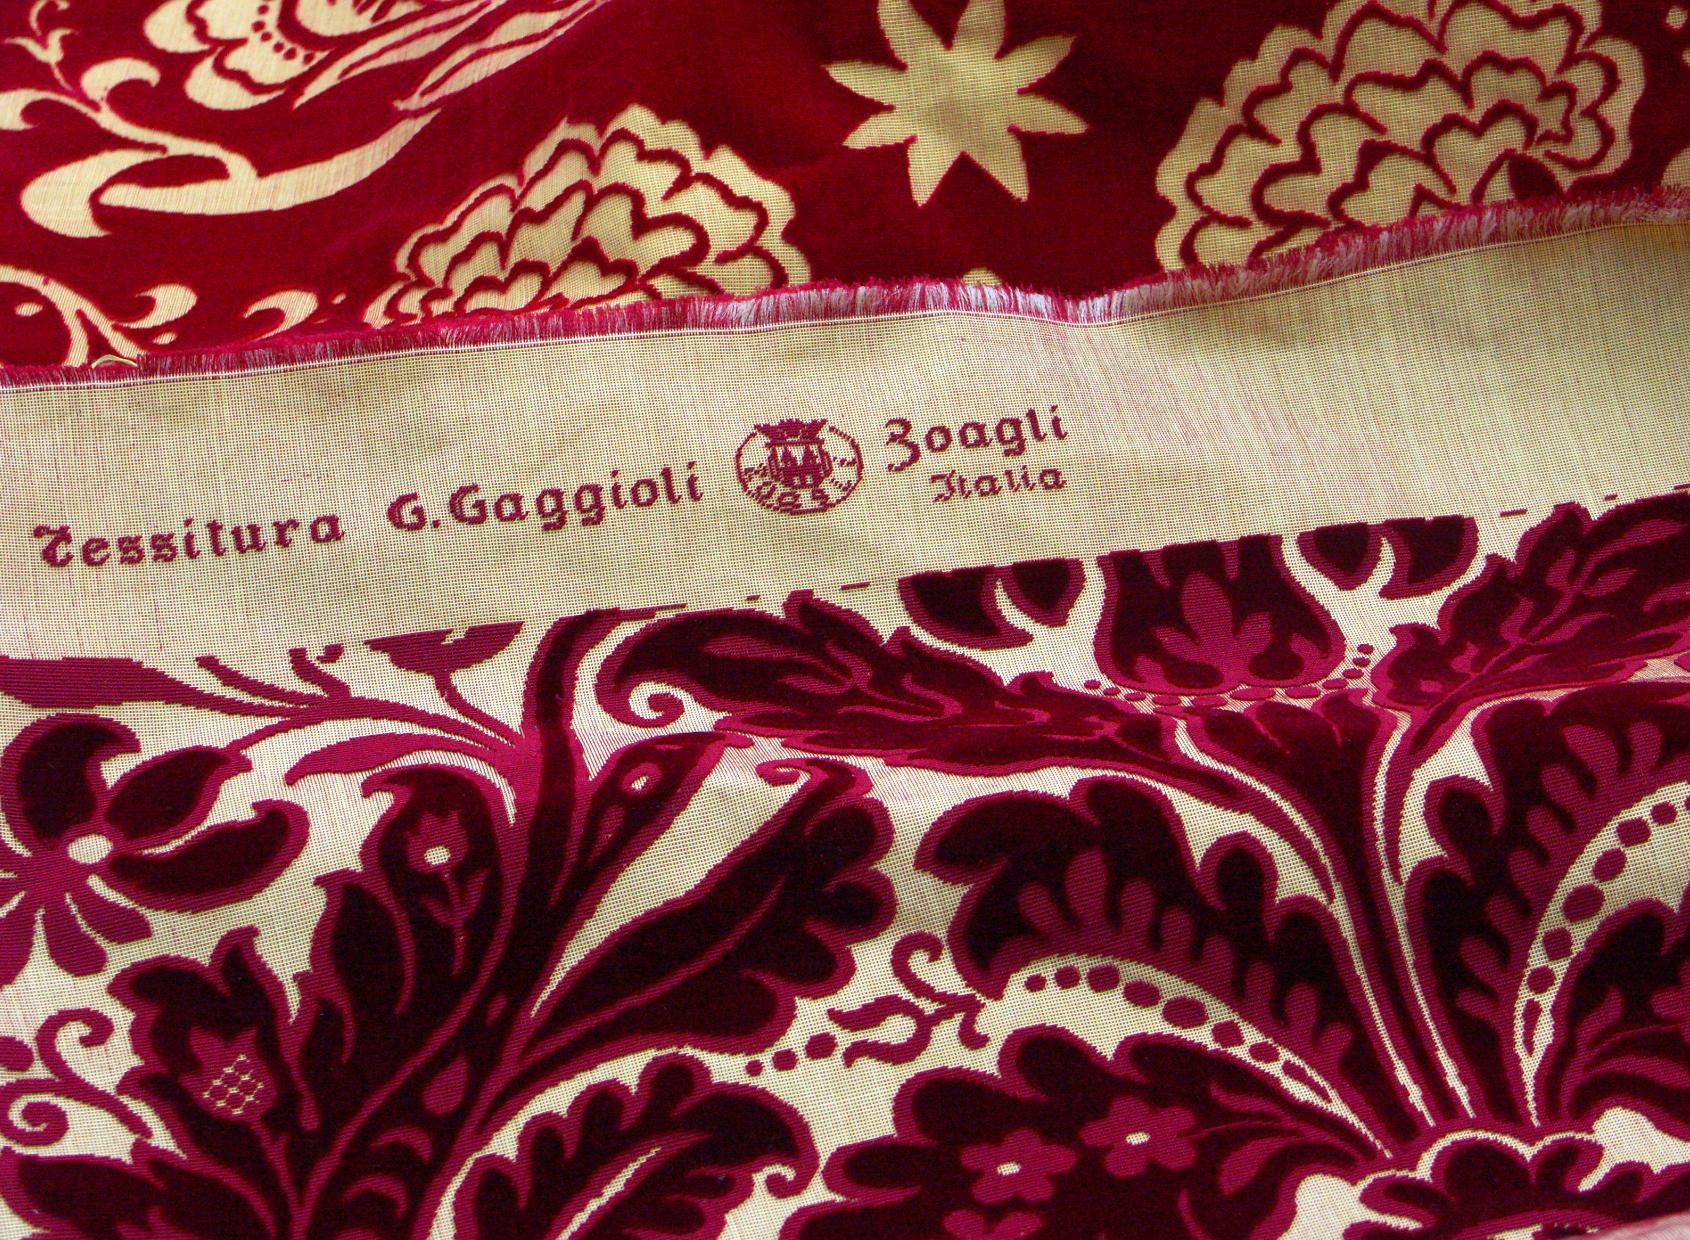 giuseppe-gaggioli-tessitori-e-decoratori-di-tessuti-zoagli-genova-thumbnail